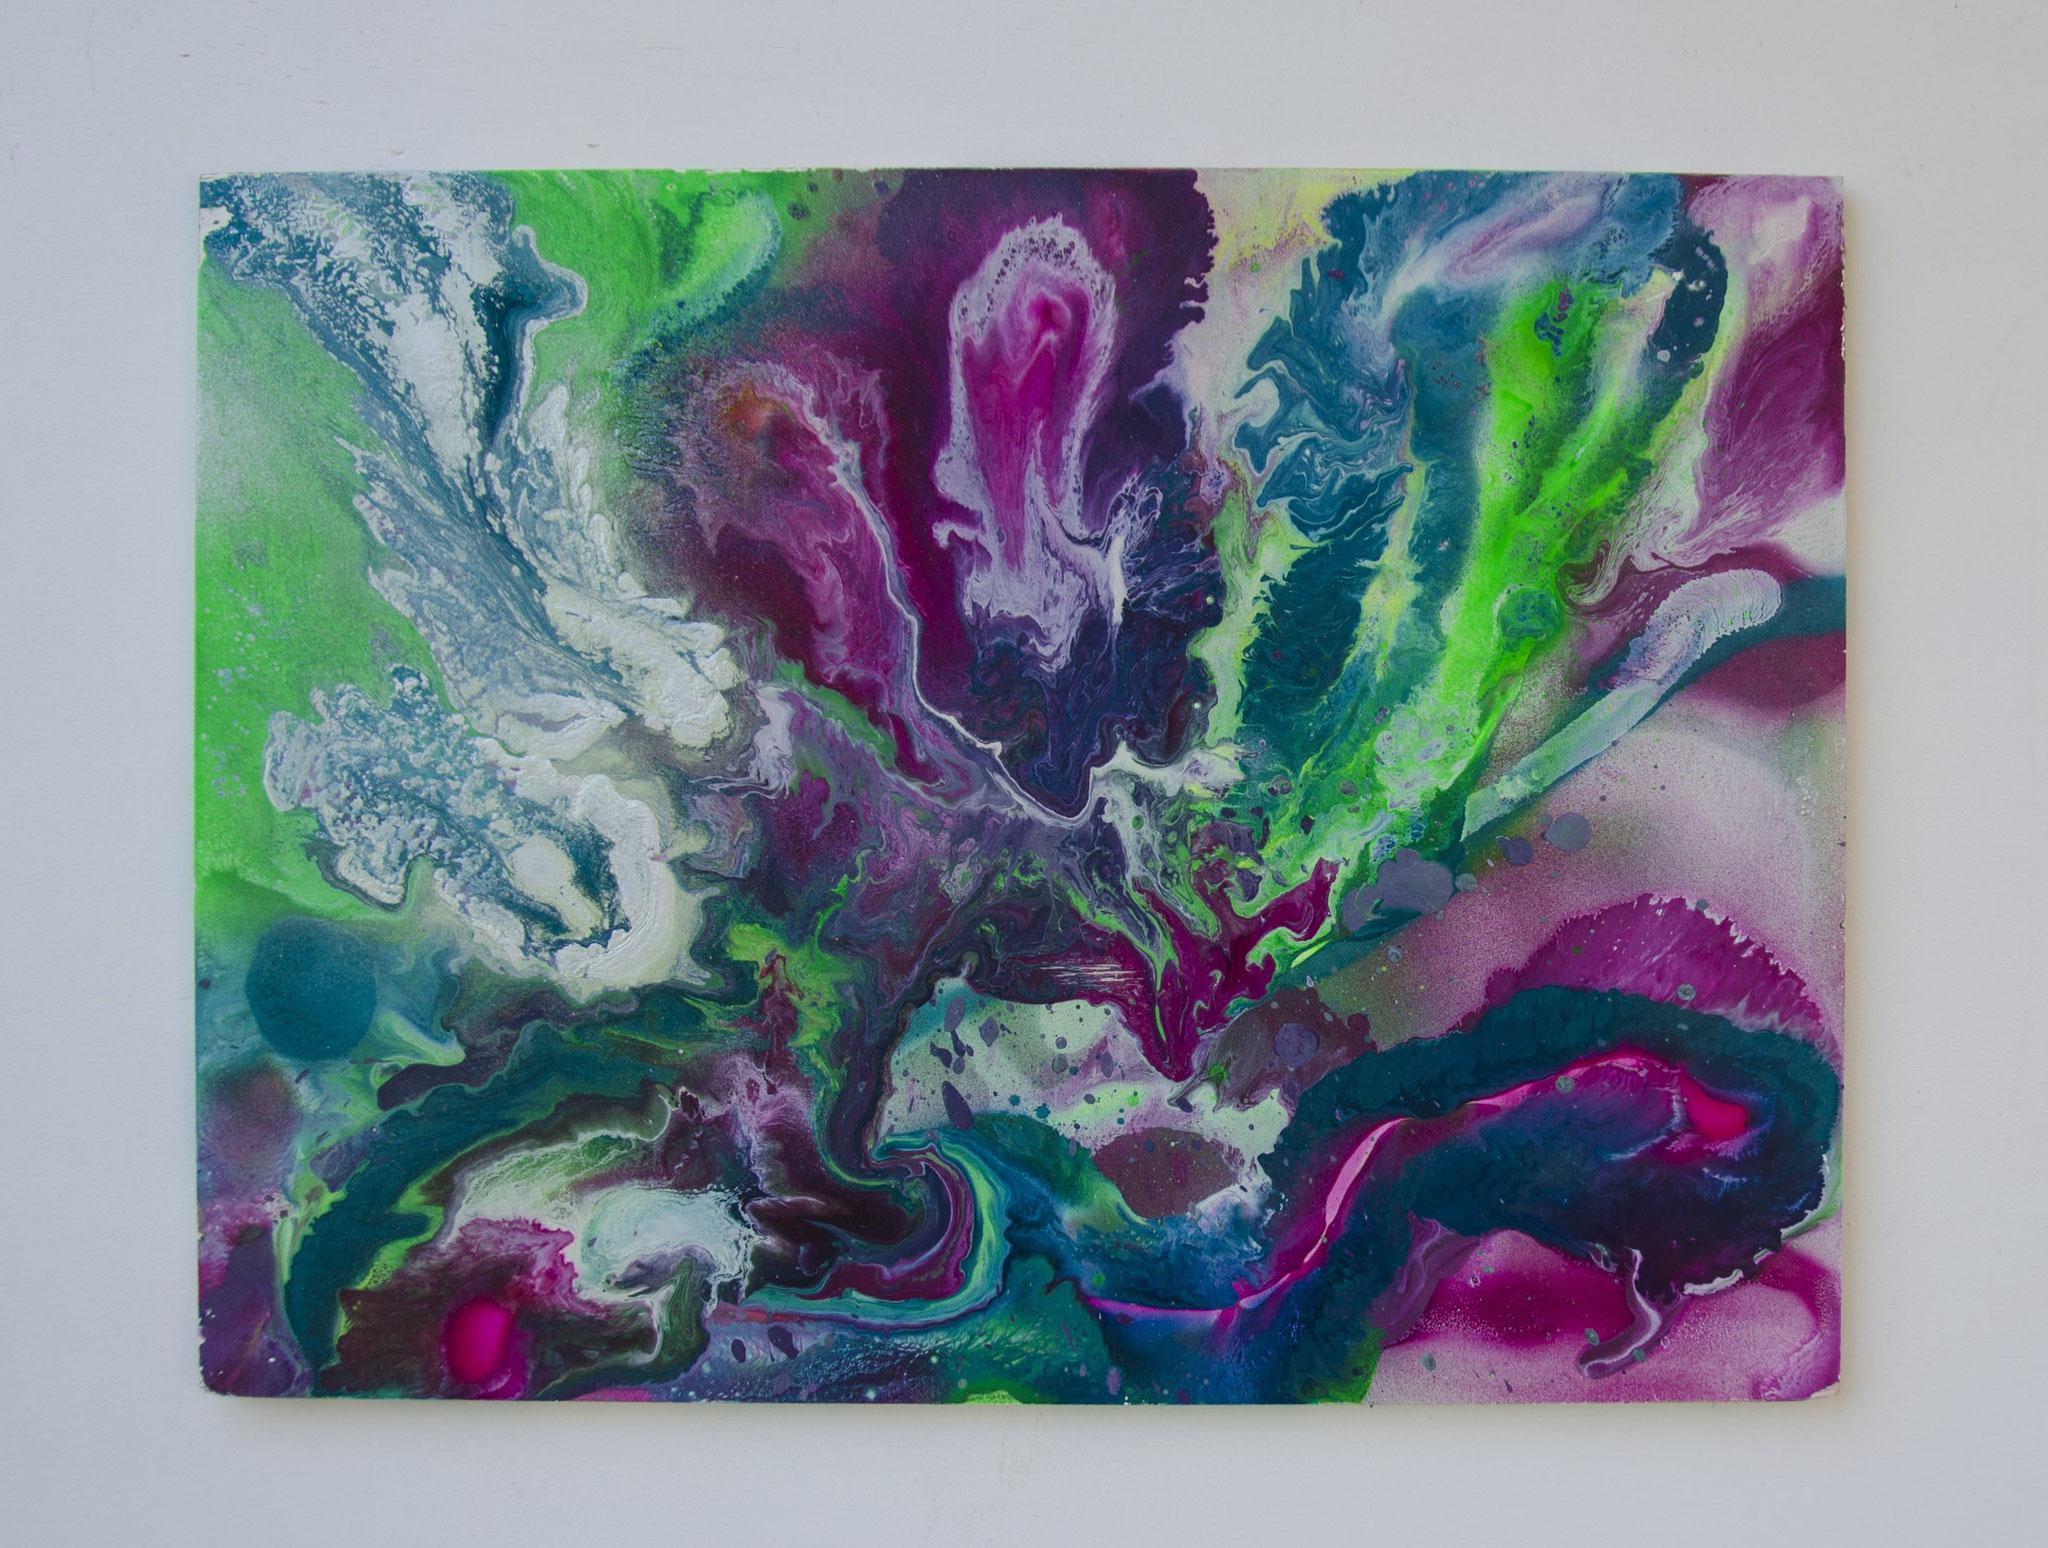 cloudcave Nr. 6,  Sprühlack auf Holzplatte, 20 x 40  cm, 2016